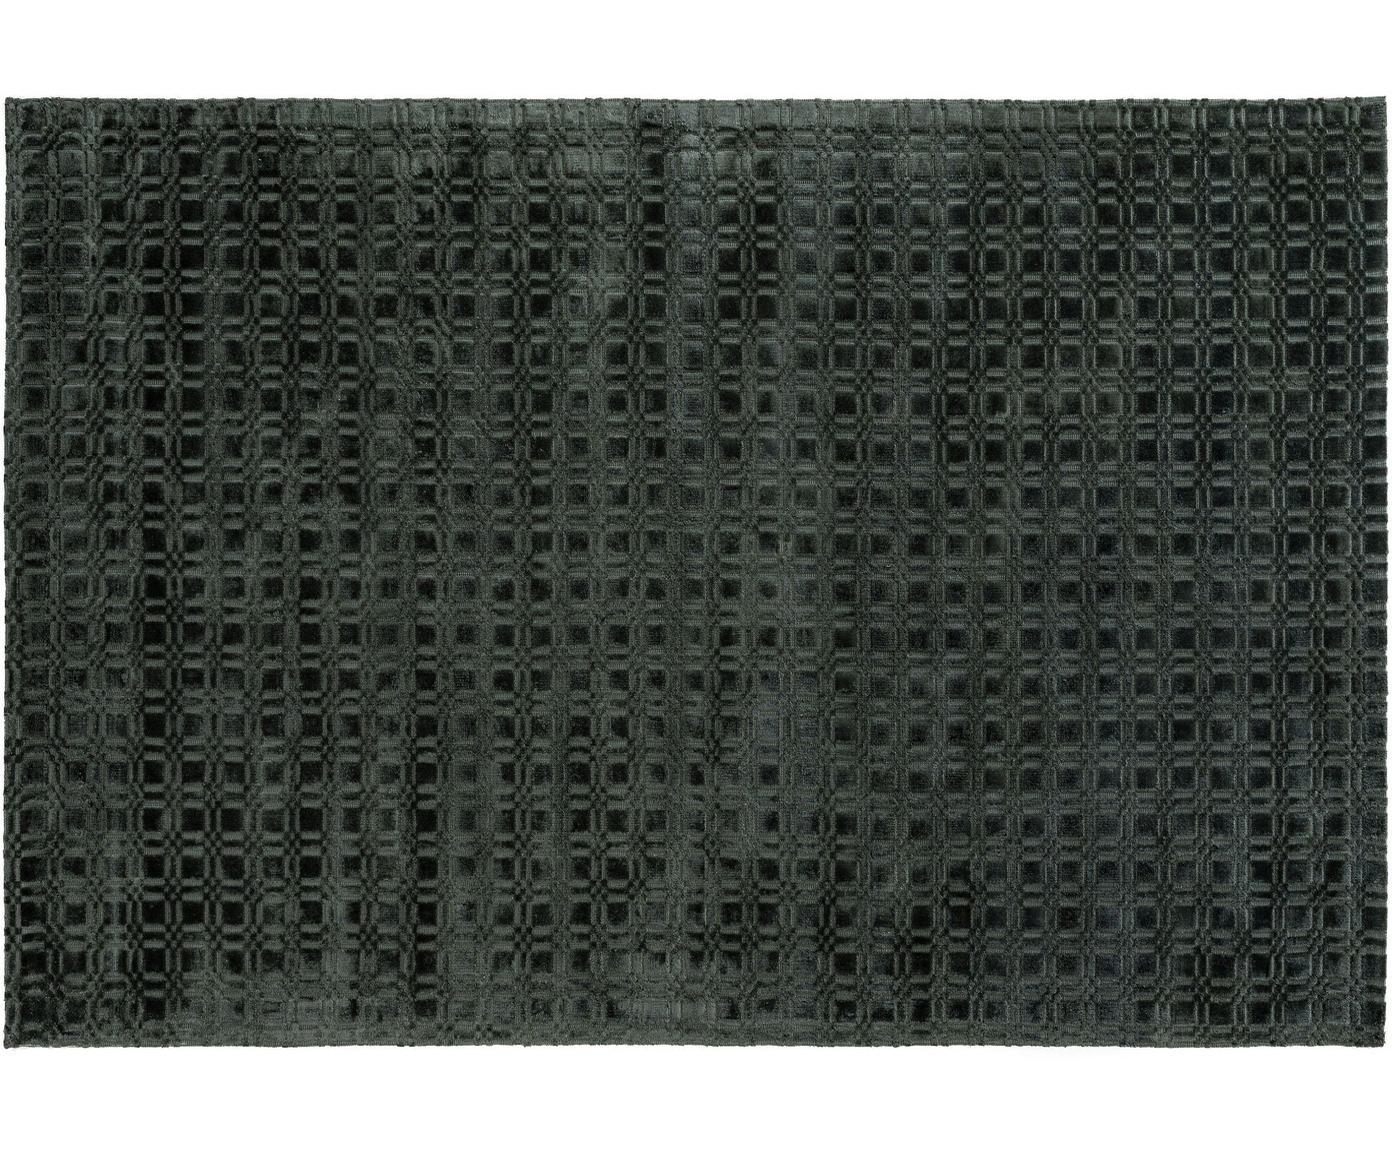 Tappeto in viscosa tessuto a mano Nelson, Viscosa, Verde scuro, Larg. 140 x Lung. 200 cm (taglia S)